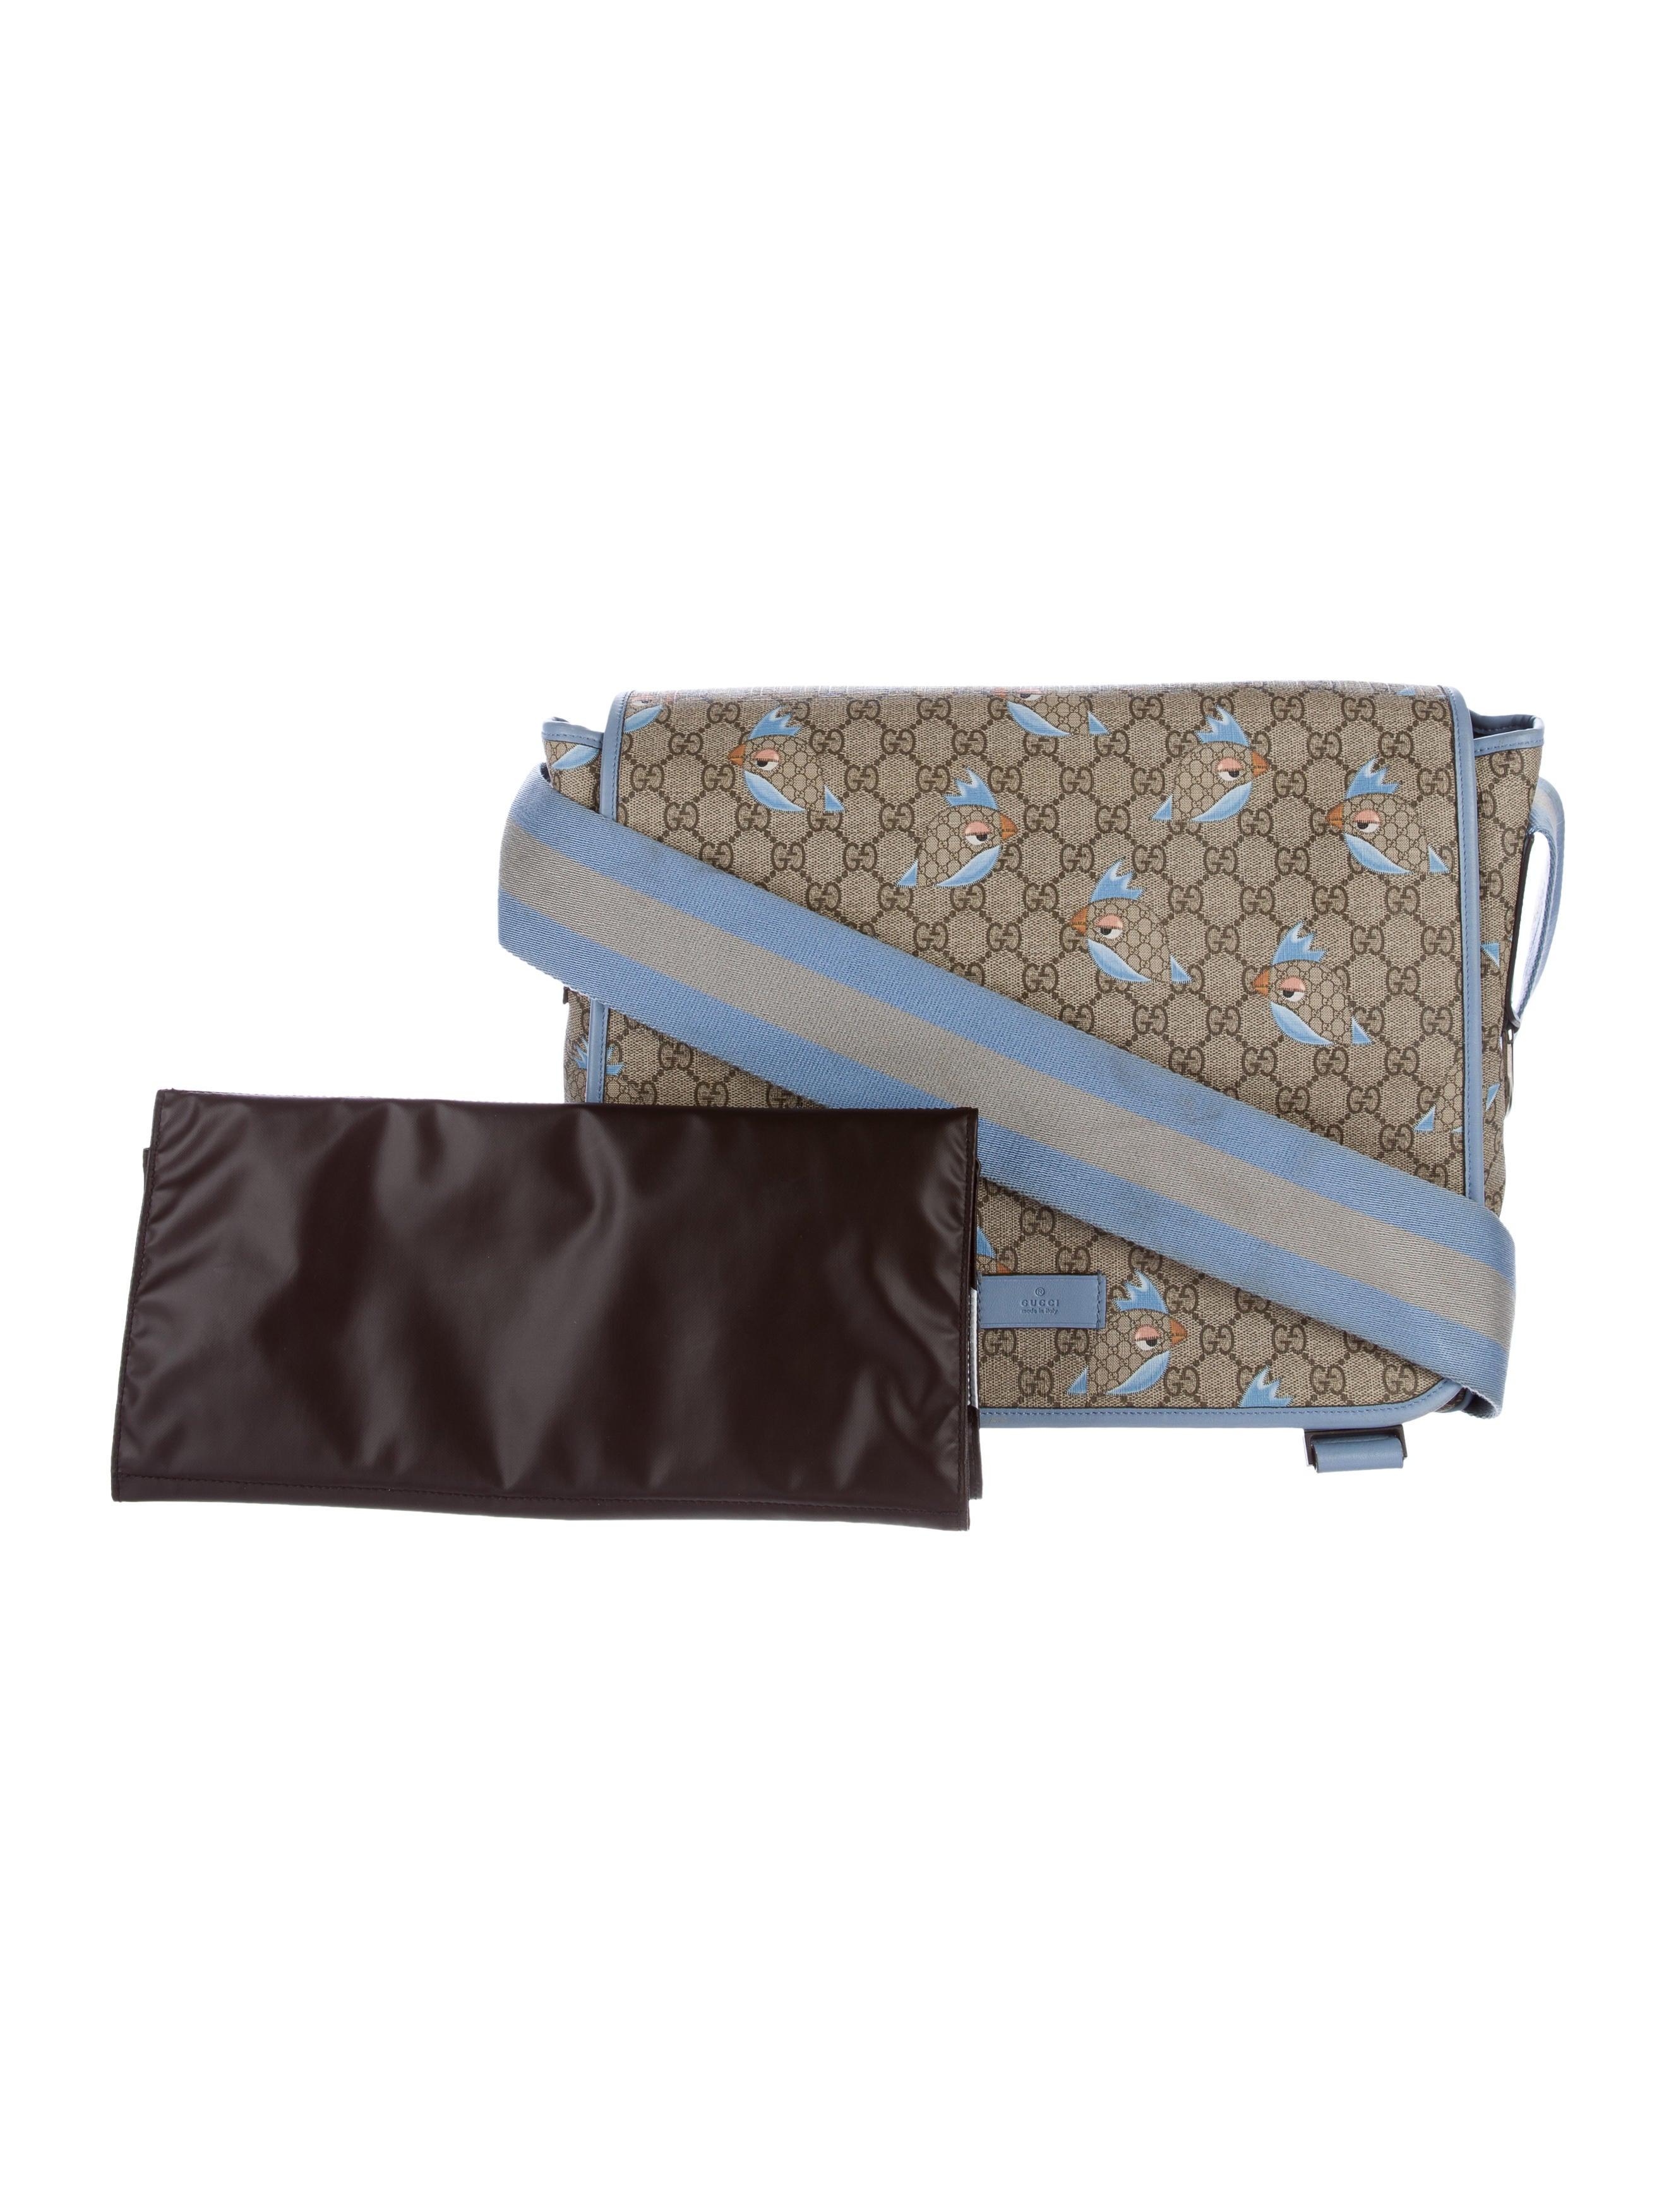 4ac9853e61f Gucci GG Supreme Zoo Birds Diaper Bag - Baby Gear - GUC142533